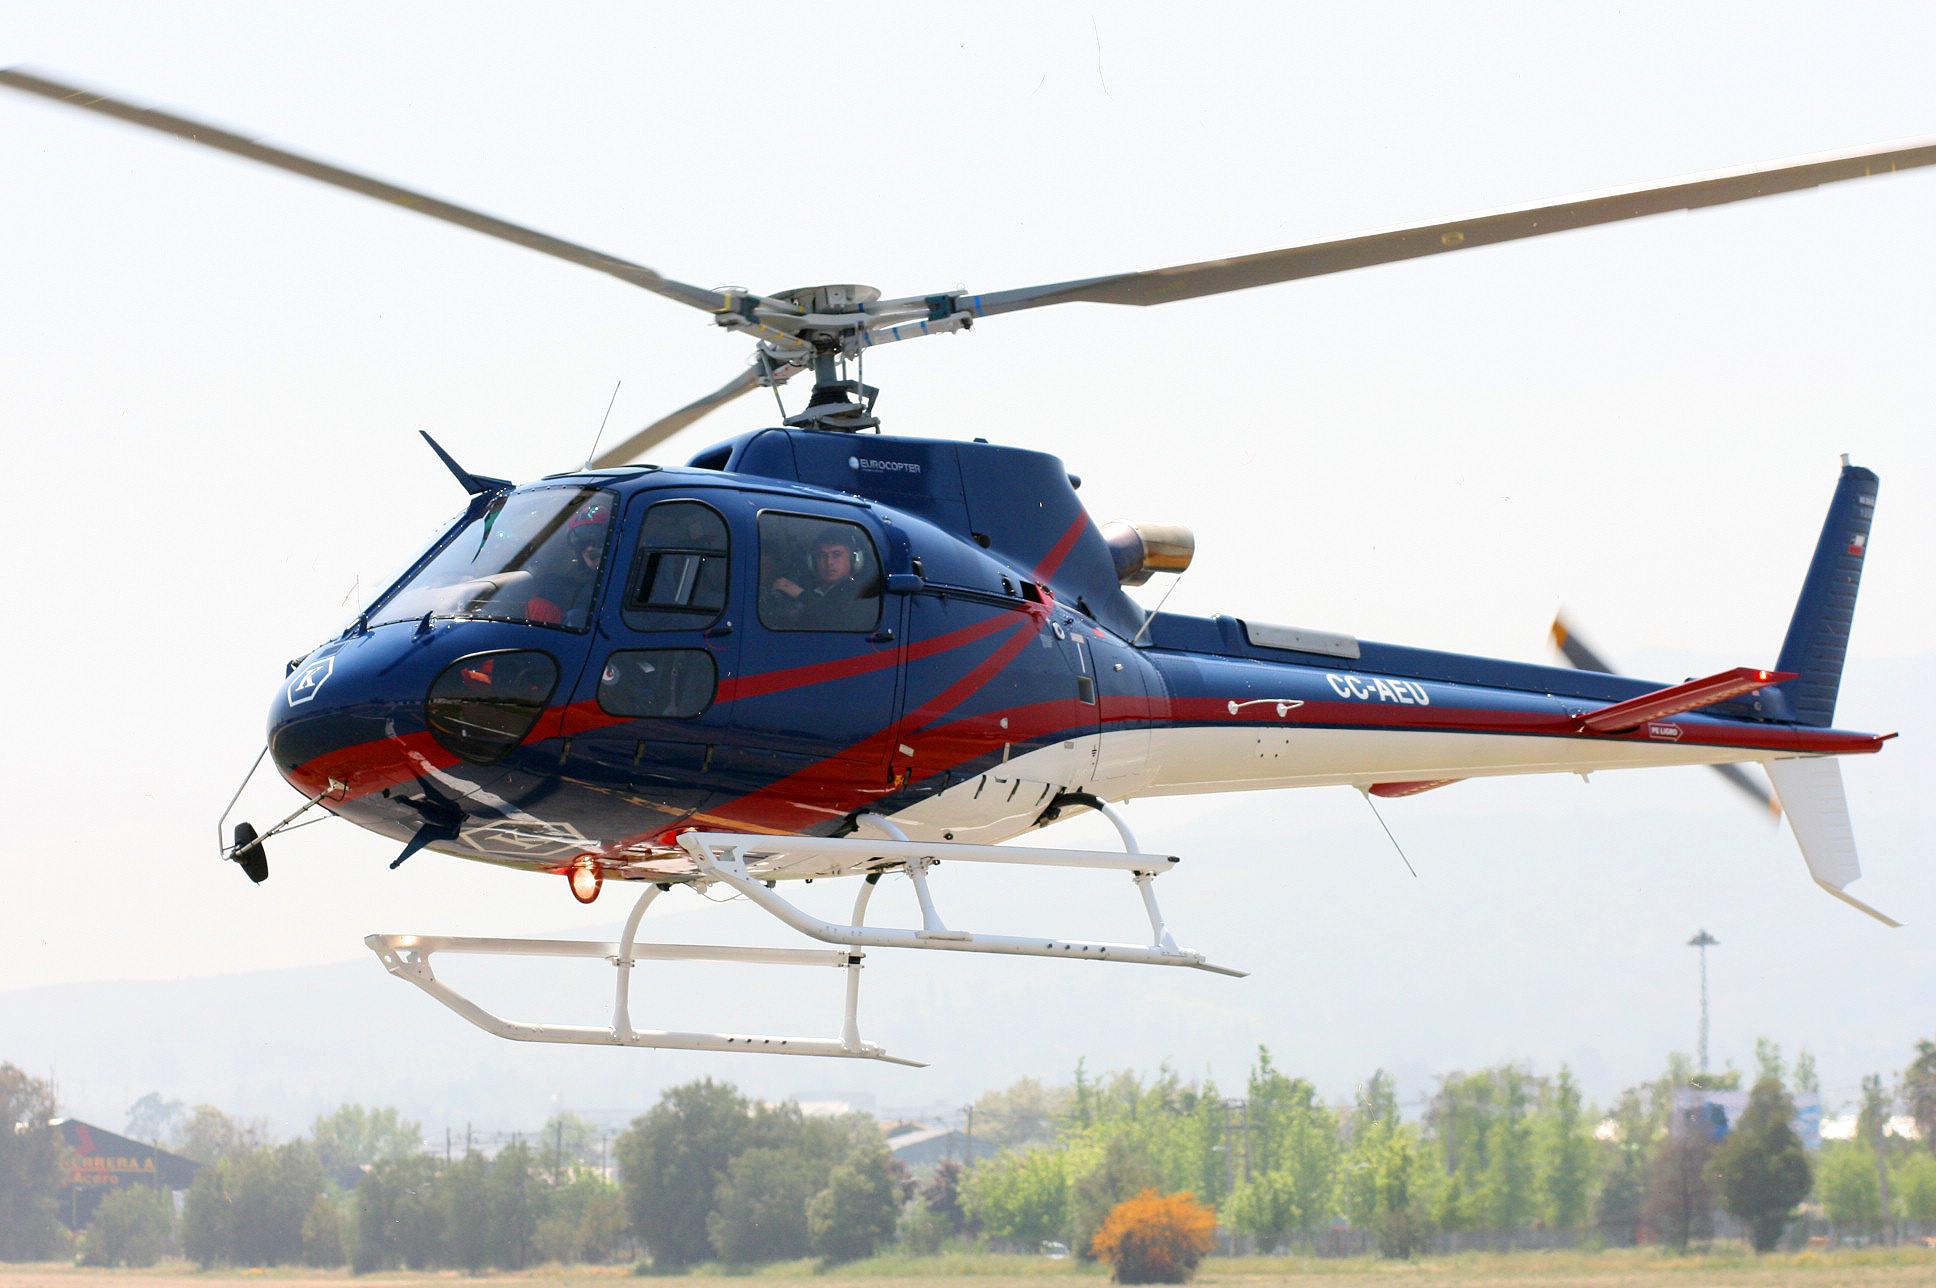 AS350B3 foto 401 - Вертолетные маршруты на горнолыжные французские курорты: актуальные направления и цены